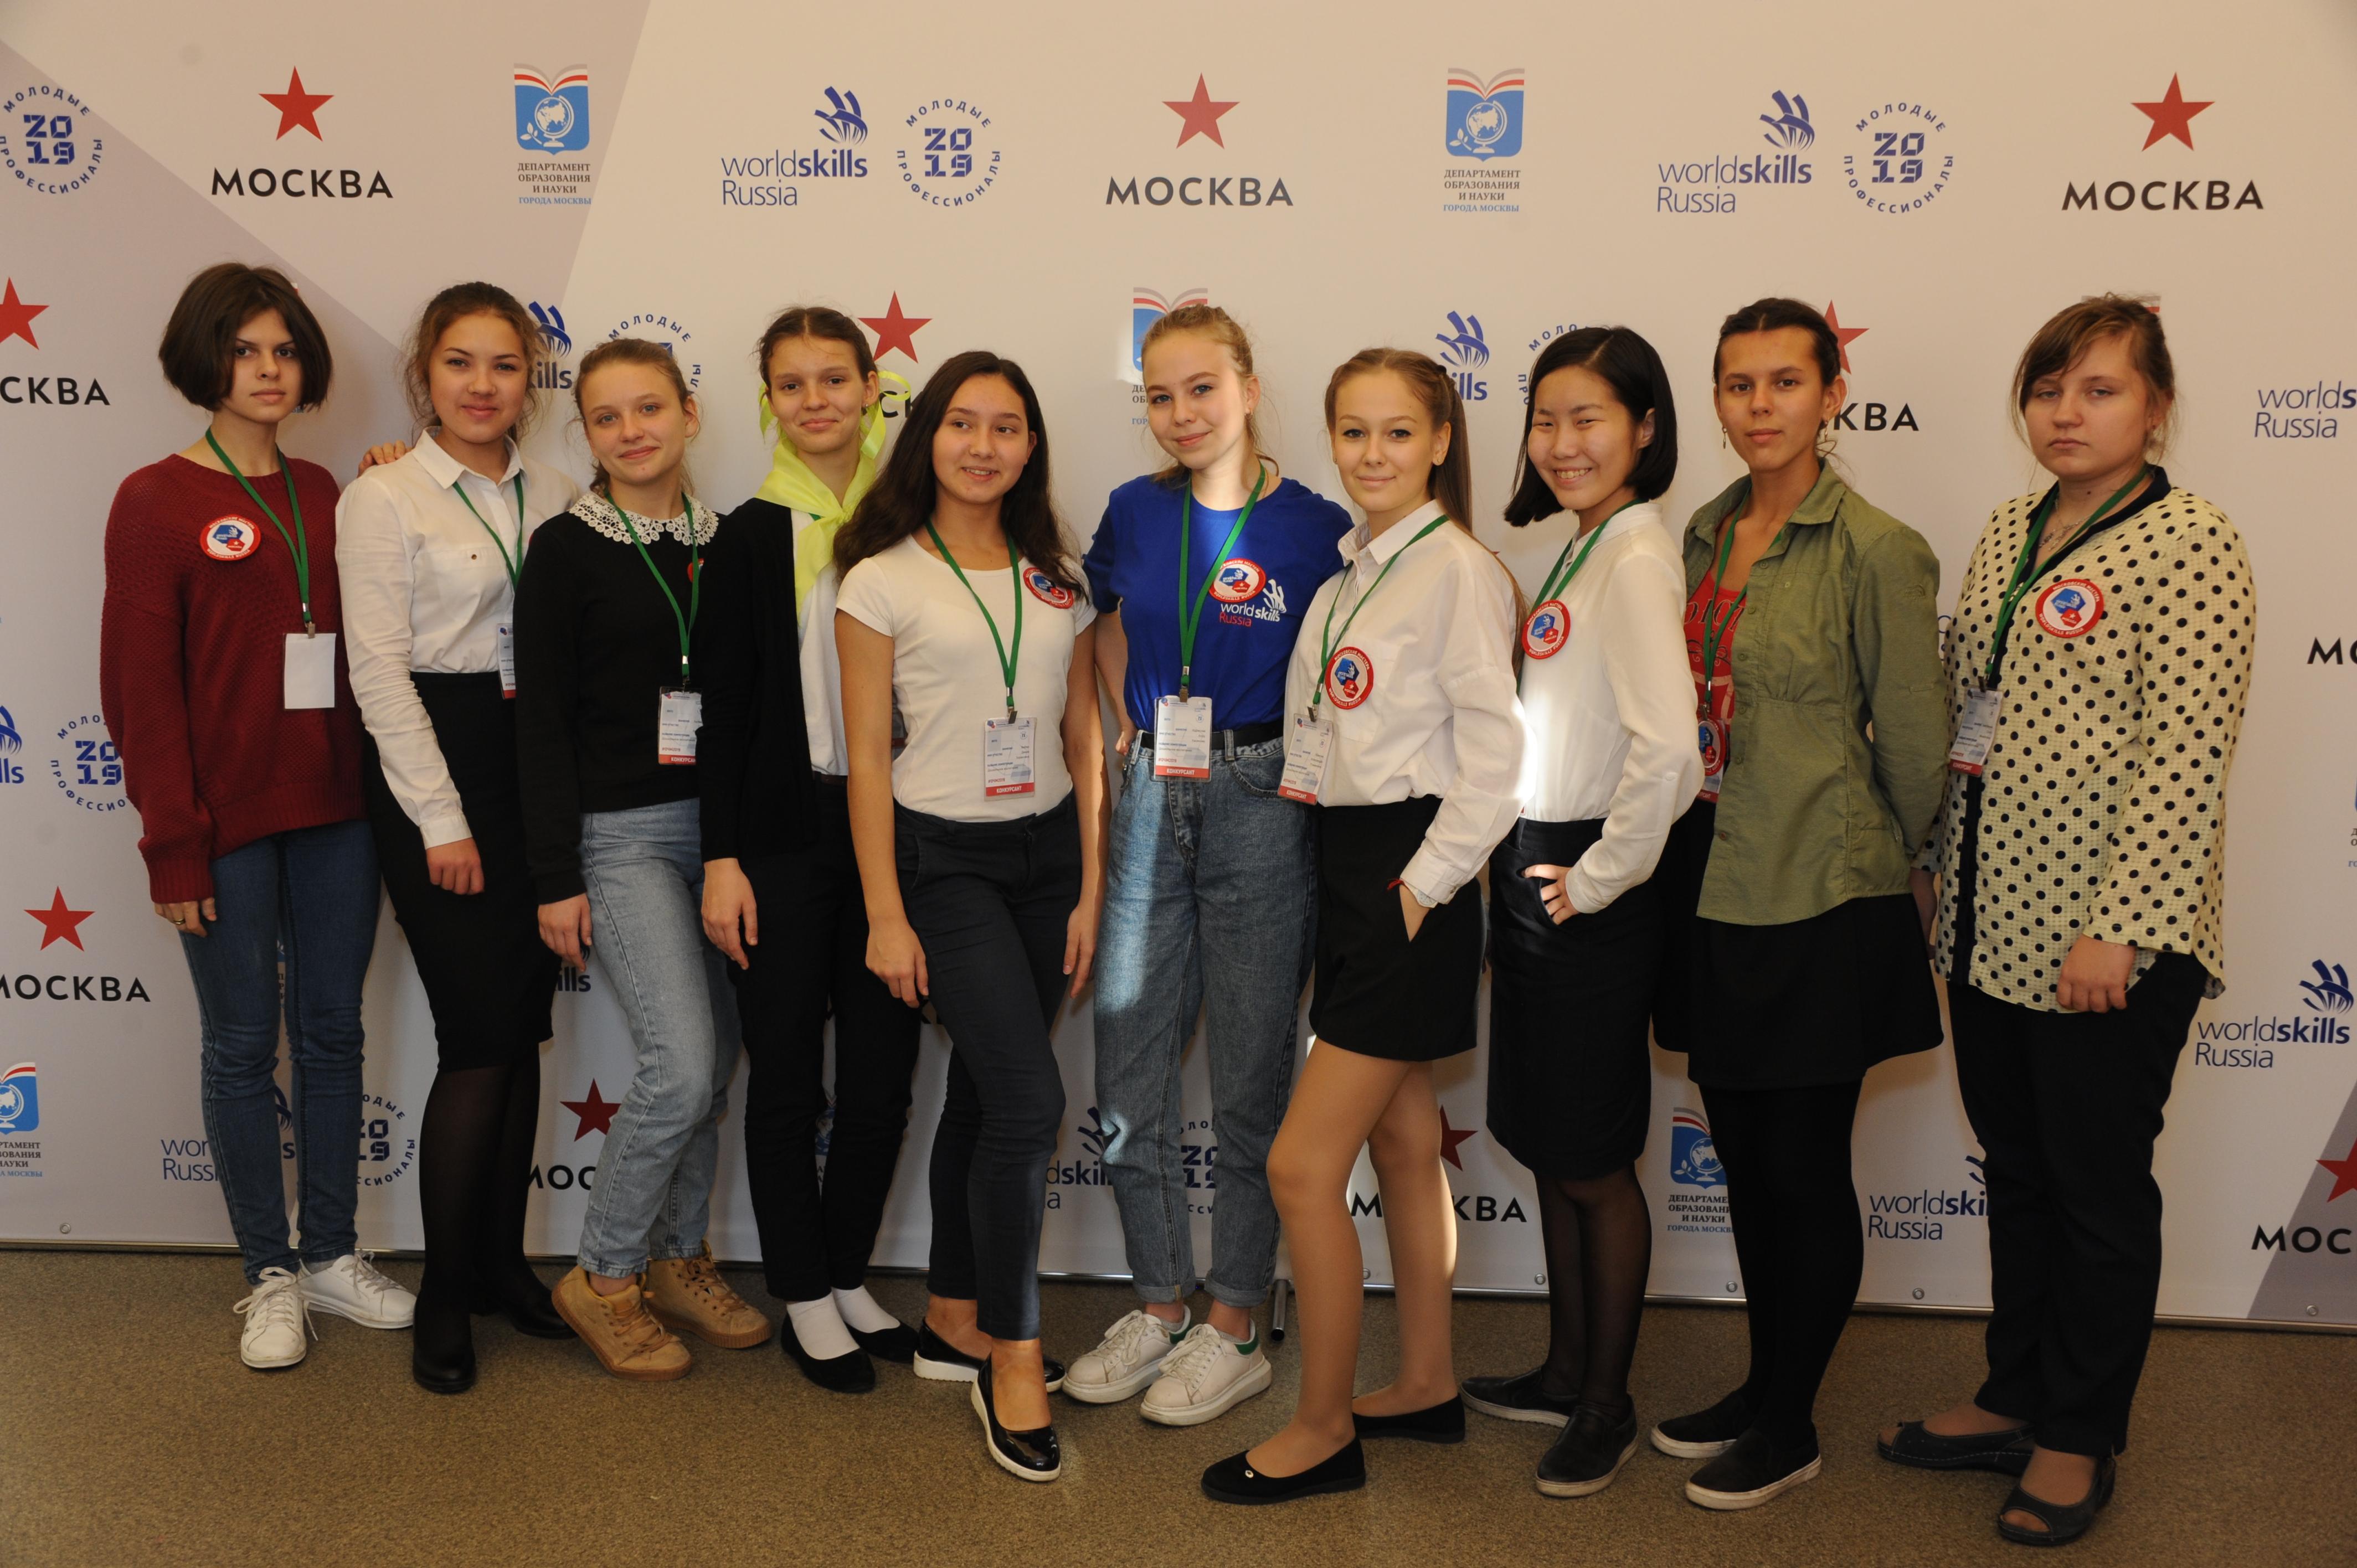 Завершился Чемпионат WS «Московские мастера»